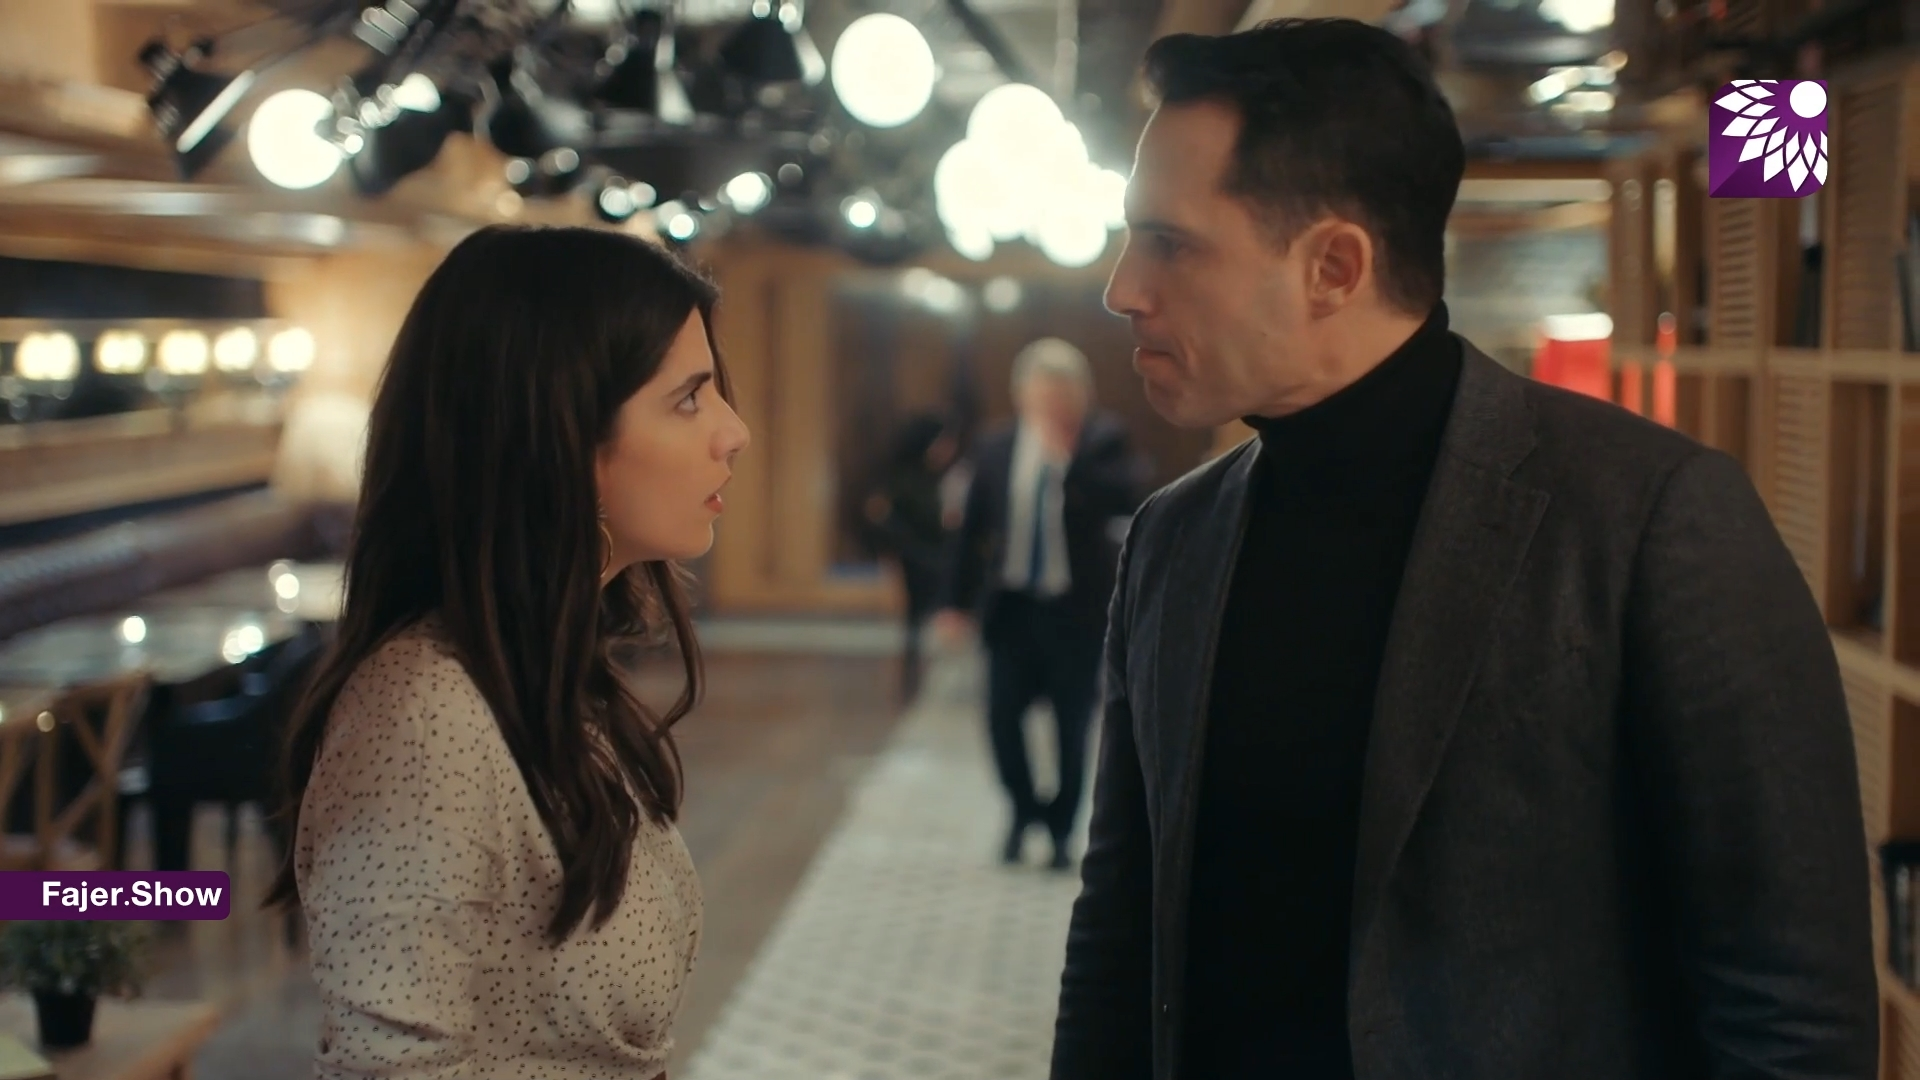 عروس بيروت 2 | الحلقة 11